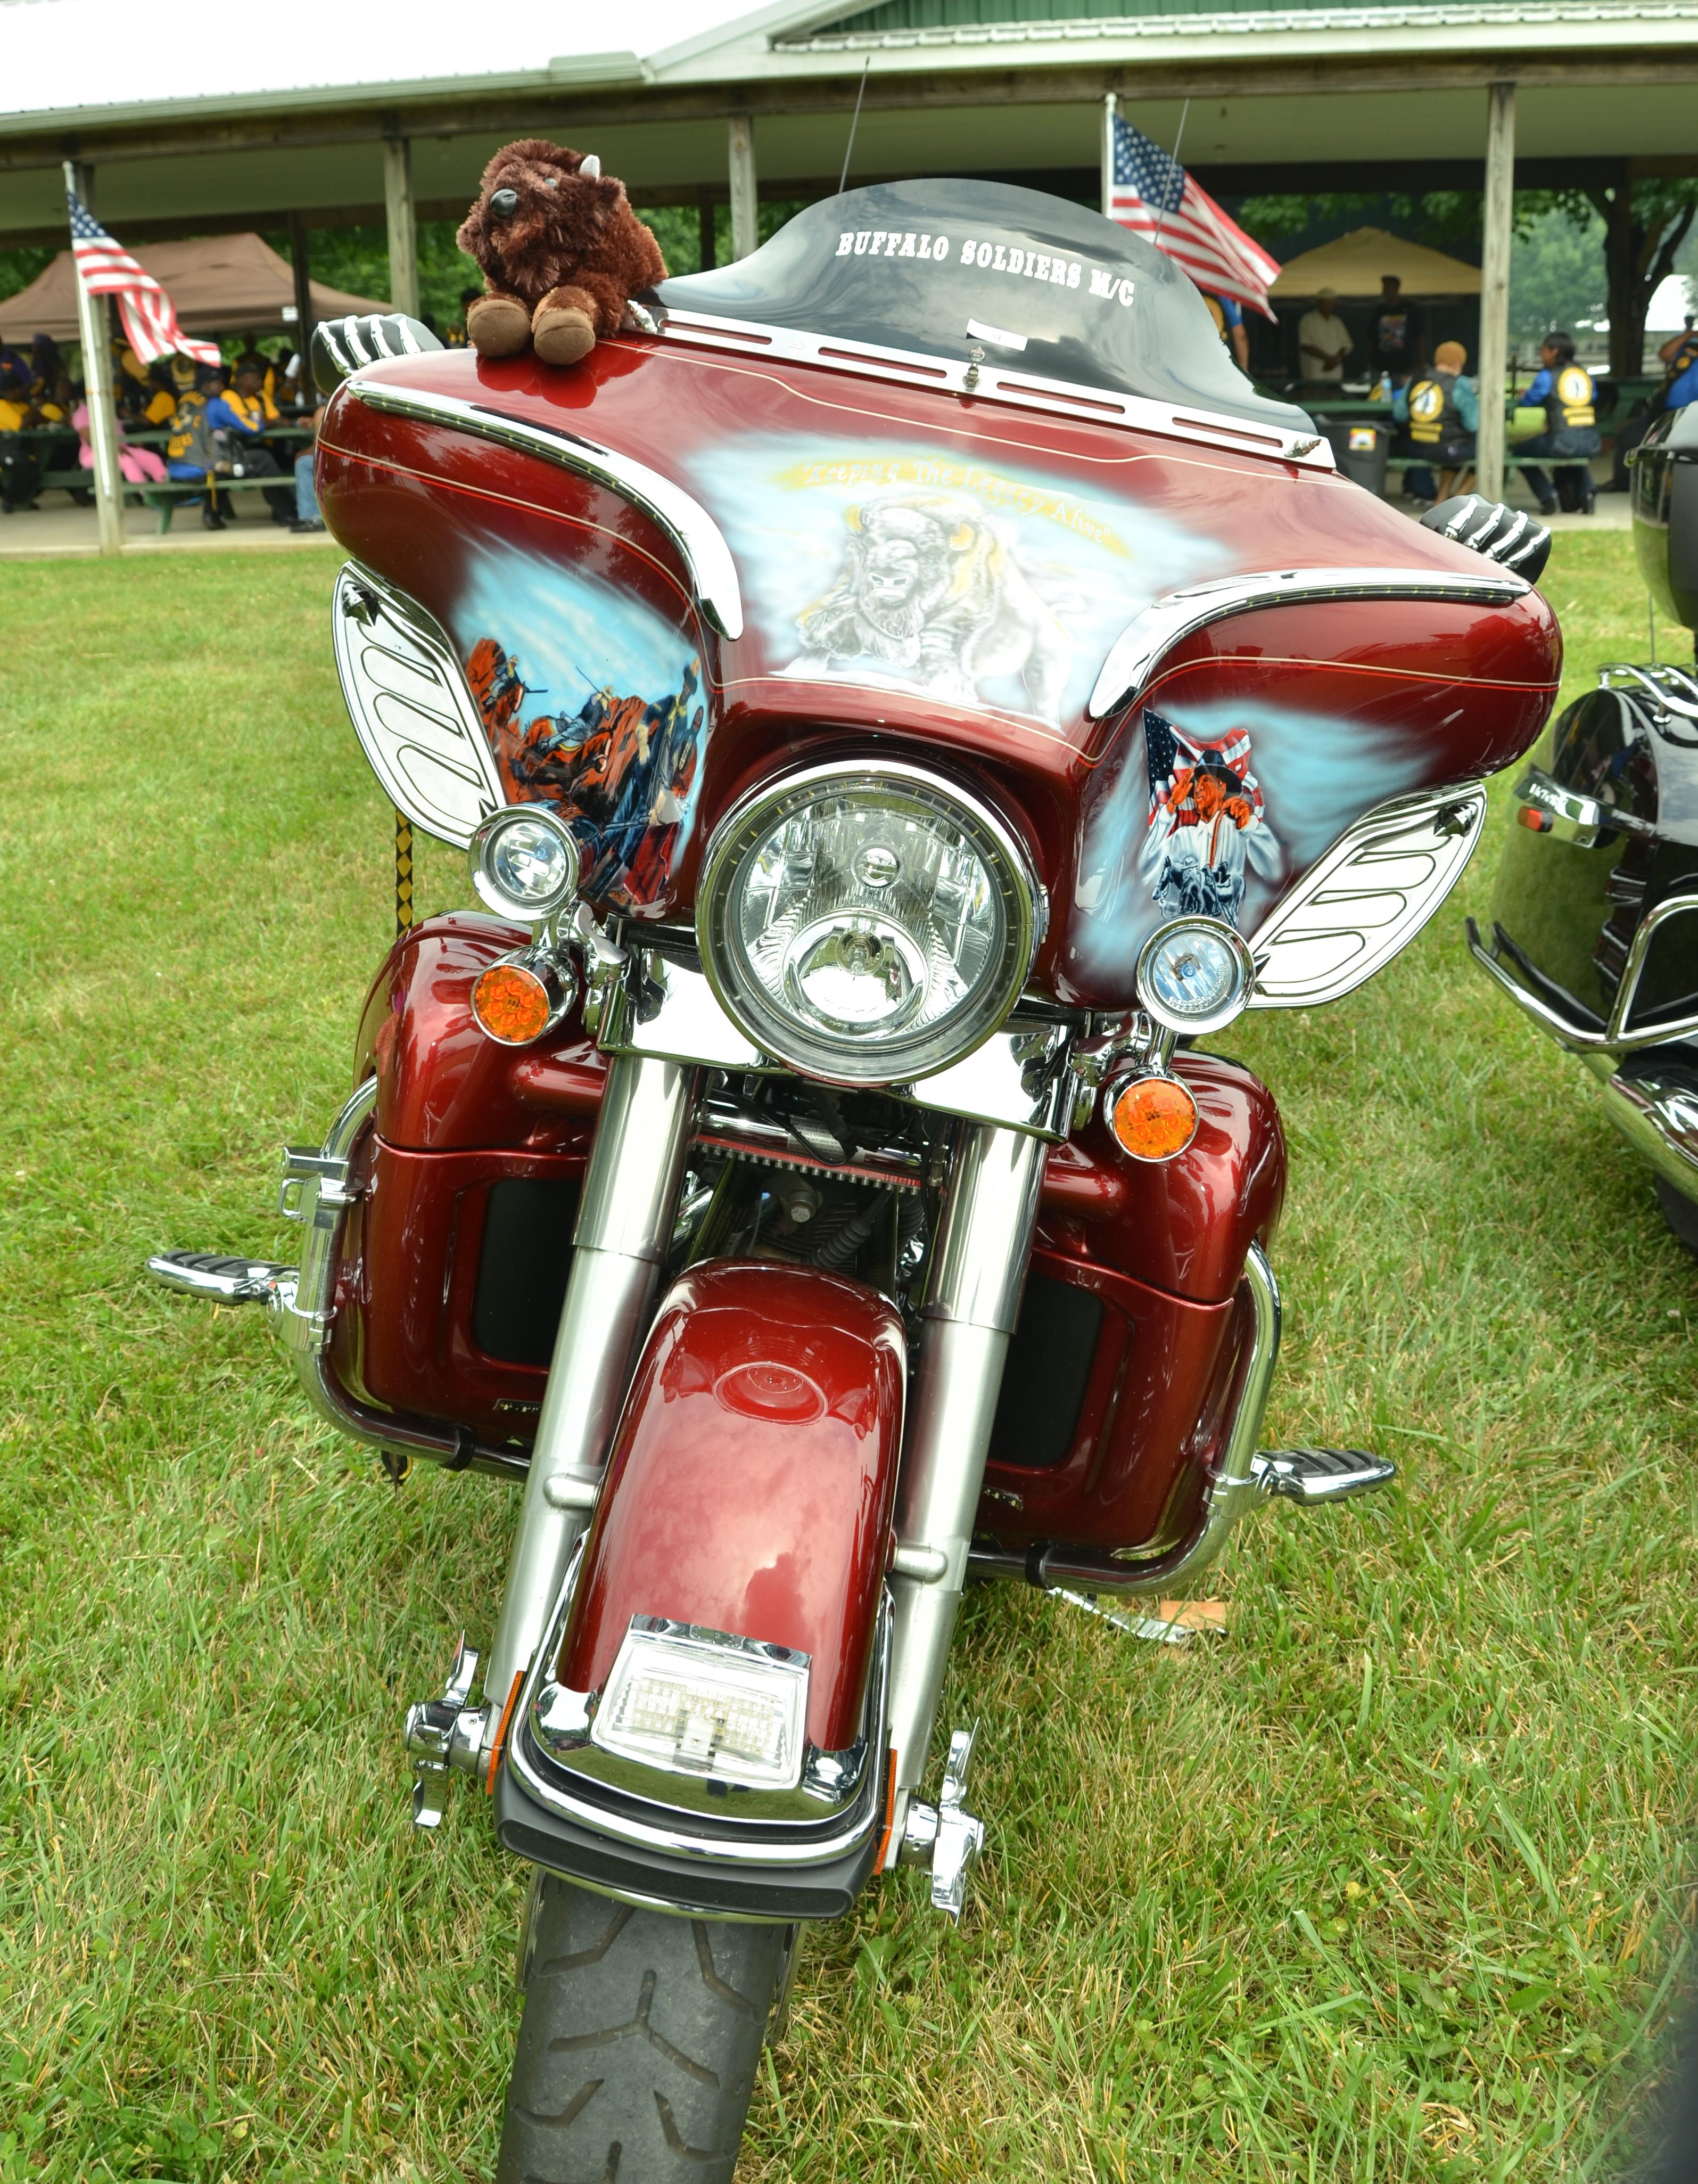 Easybee's bike